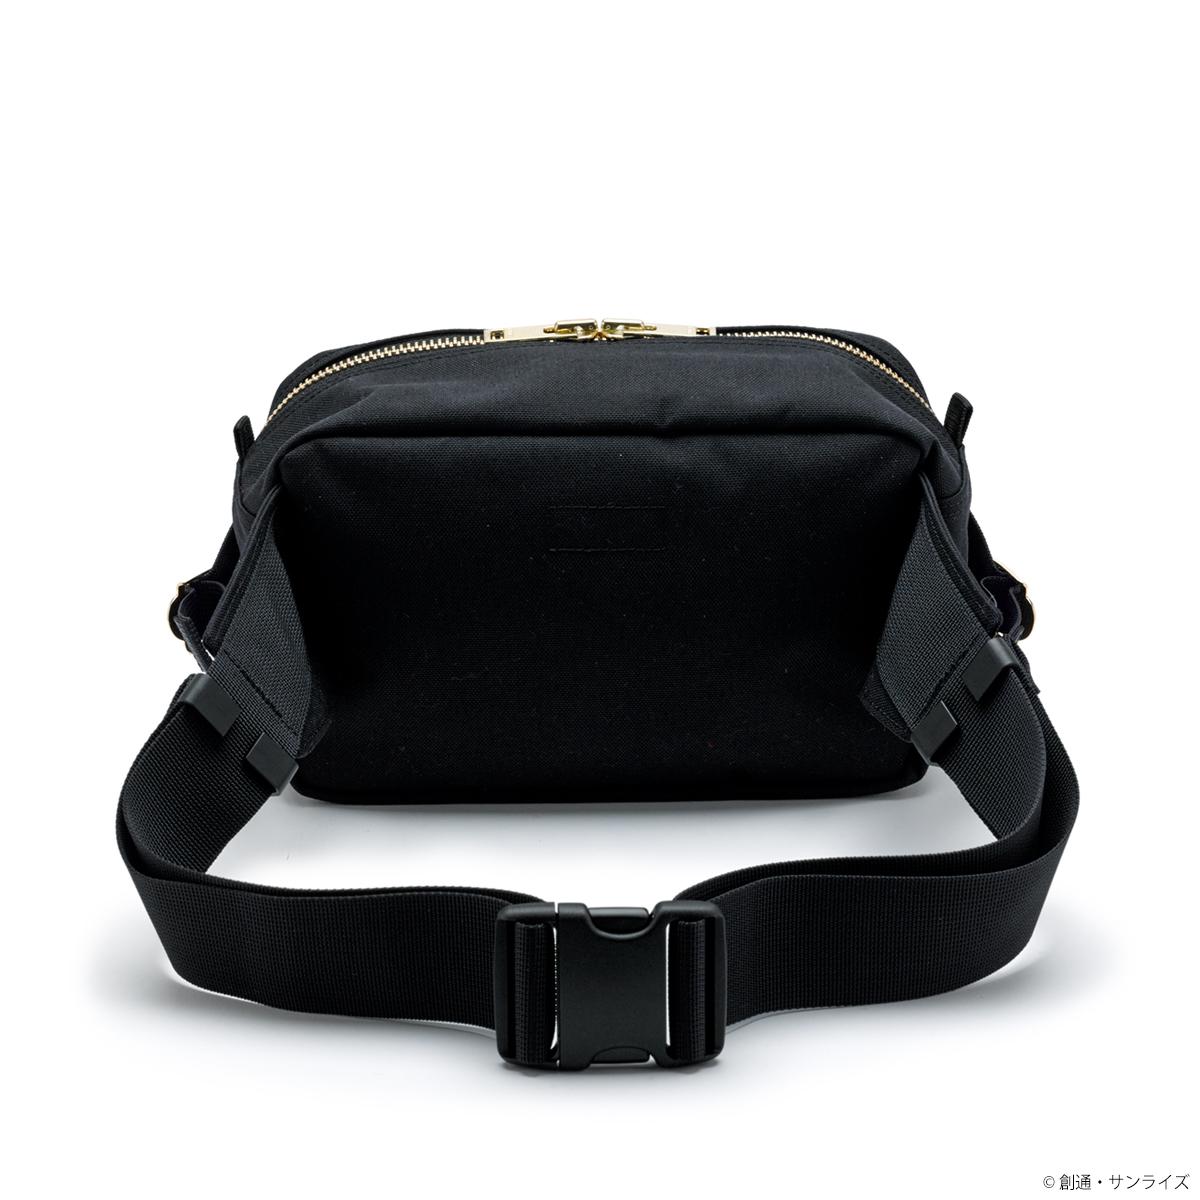 STRICT-G × PORTER ウエストバッグ シャアモデル